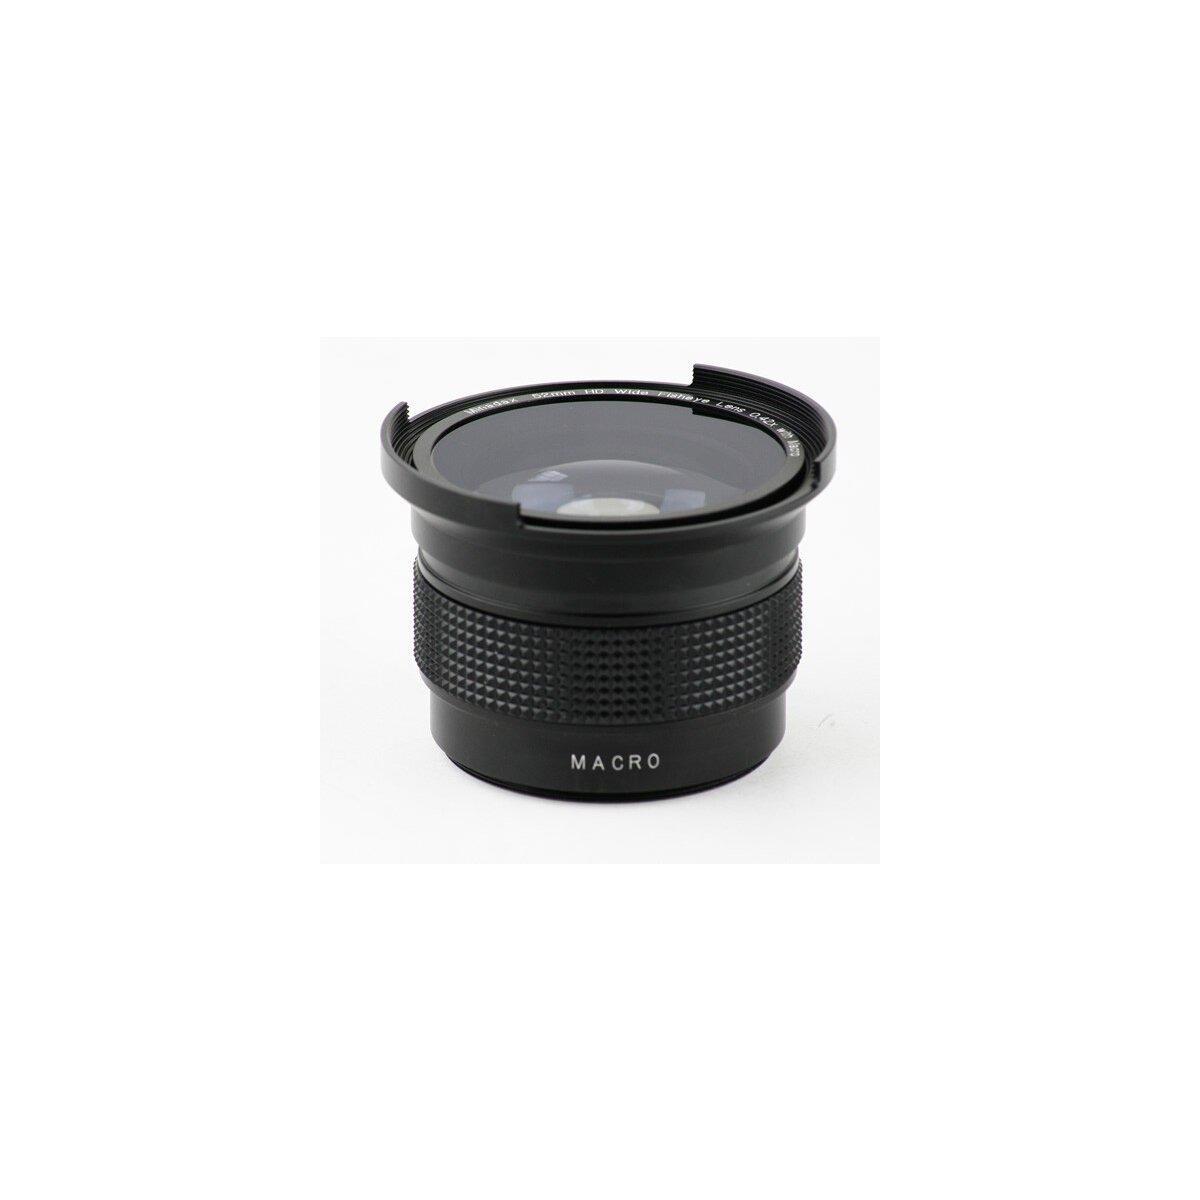 0.42x Minadax Fisheye Vorsatz kompatibel für Fujifilm FinePix 6900Z, 4900Z, S7000, S5600, S5500, S5000, S3500, S3000, S602Z, S304, S20 Pro